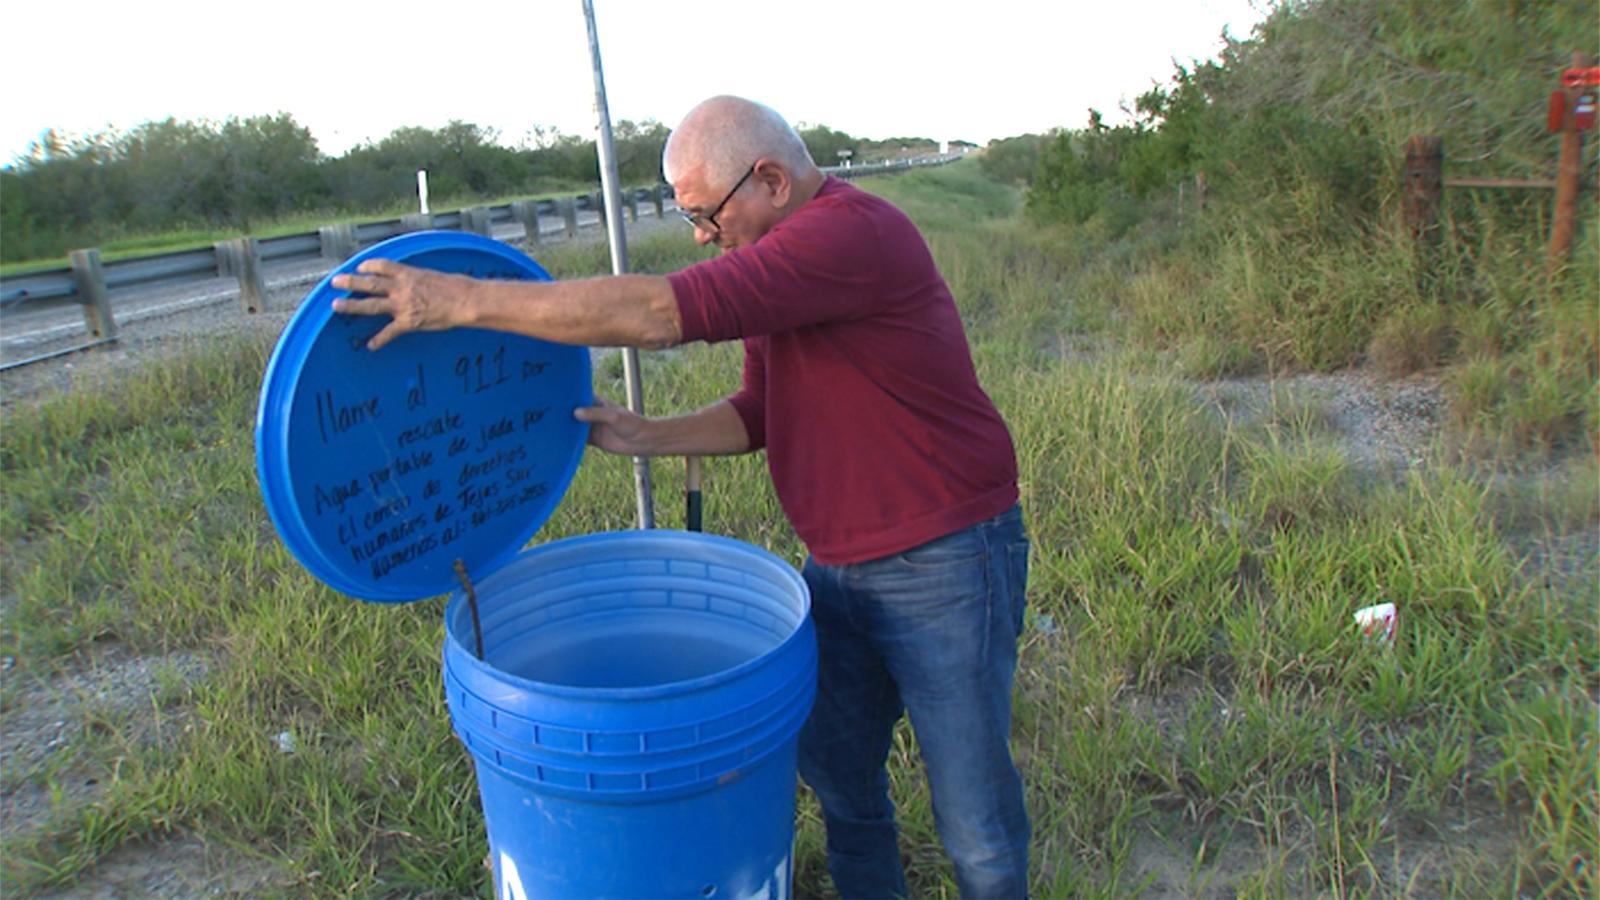 Eddie Canales, director del Centro de Derechos Humanos del Sur de Texas, revisa una estación de agua en una ruta migratoria en Falfurrias, Texas.